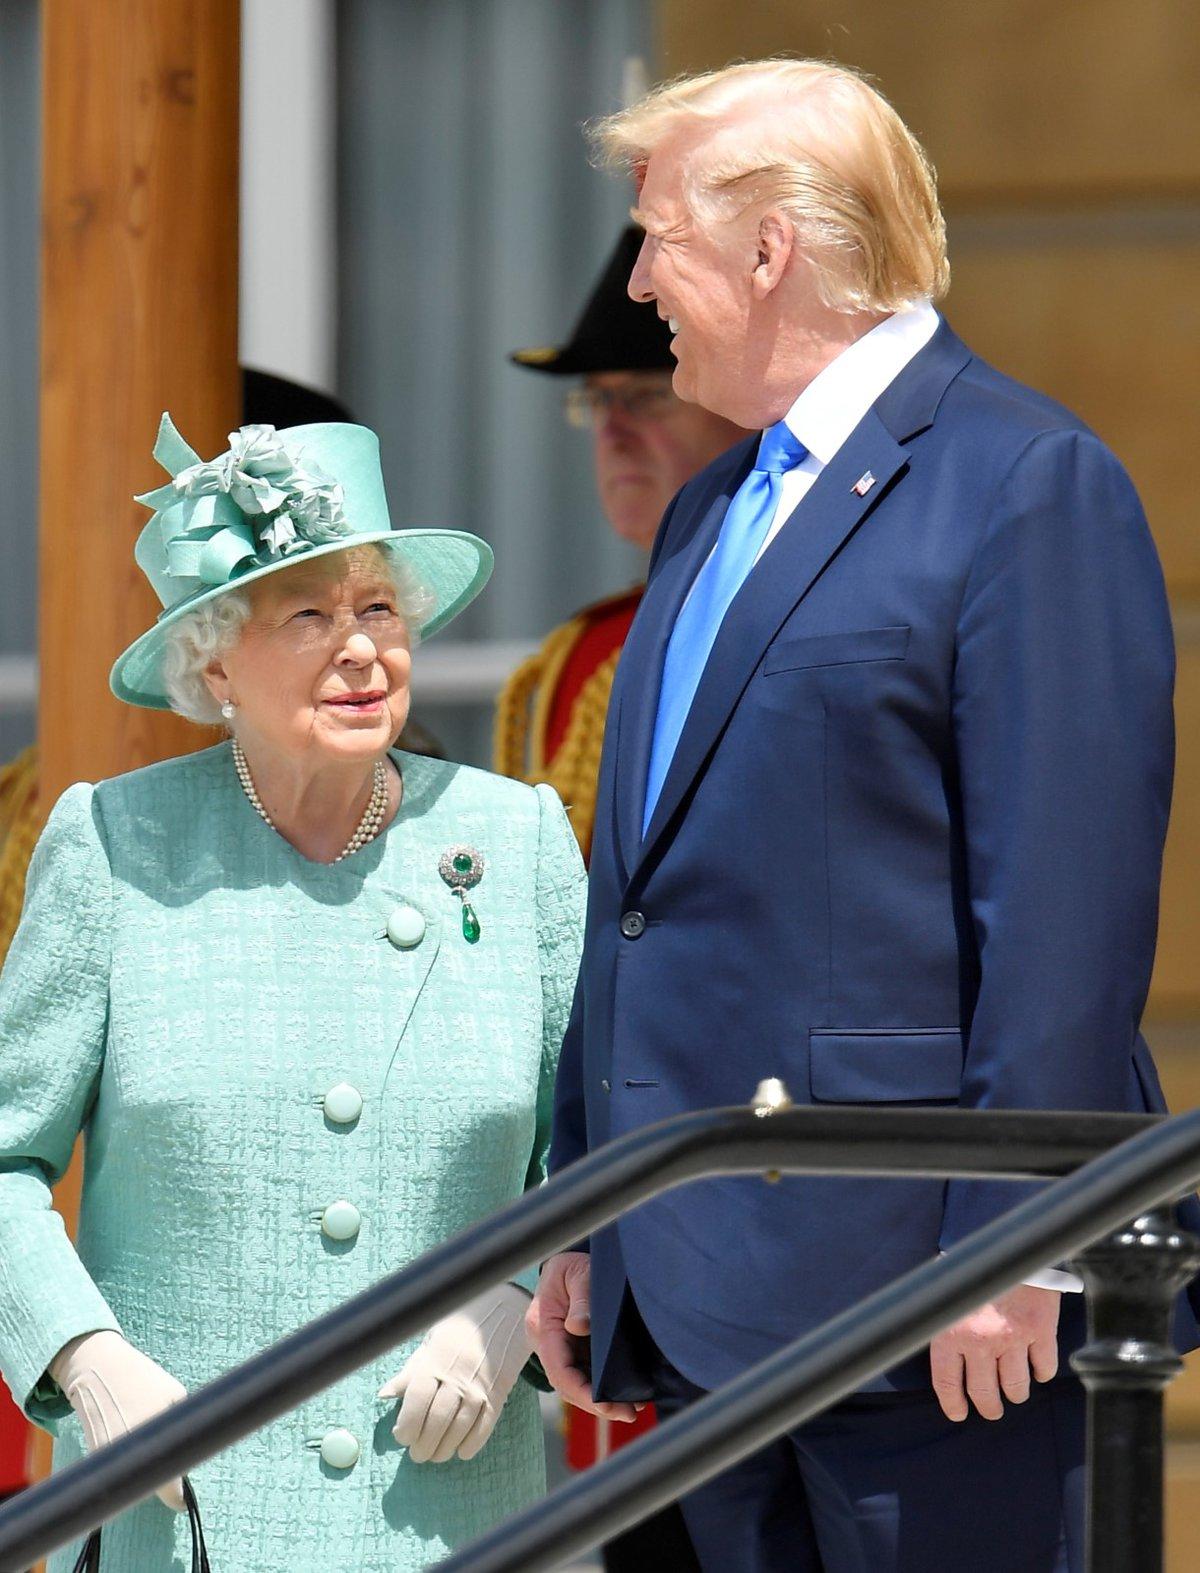 Britská královna Alžběta II. uvítala Trumpa v Buckinghamském paláci (3. 6. 2019)